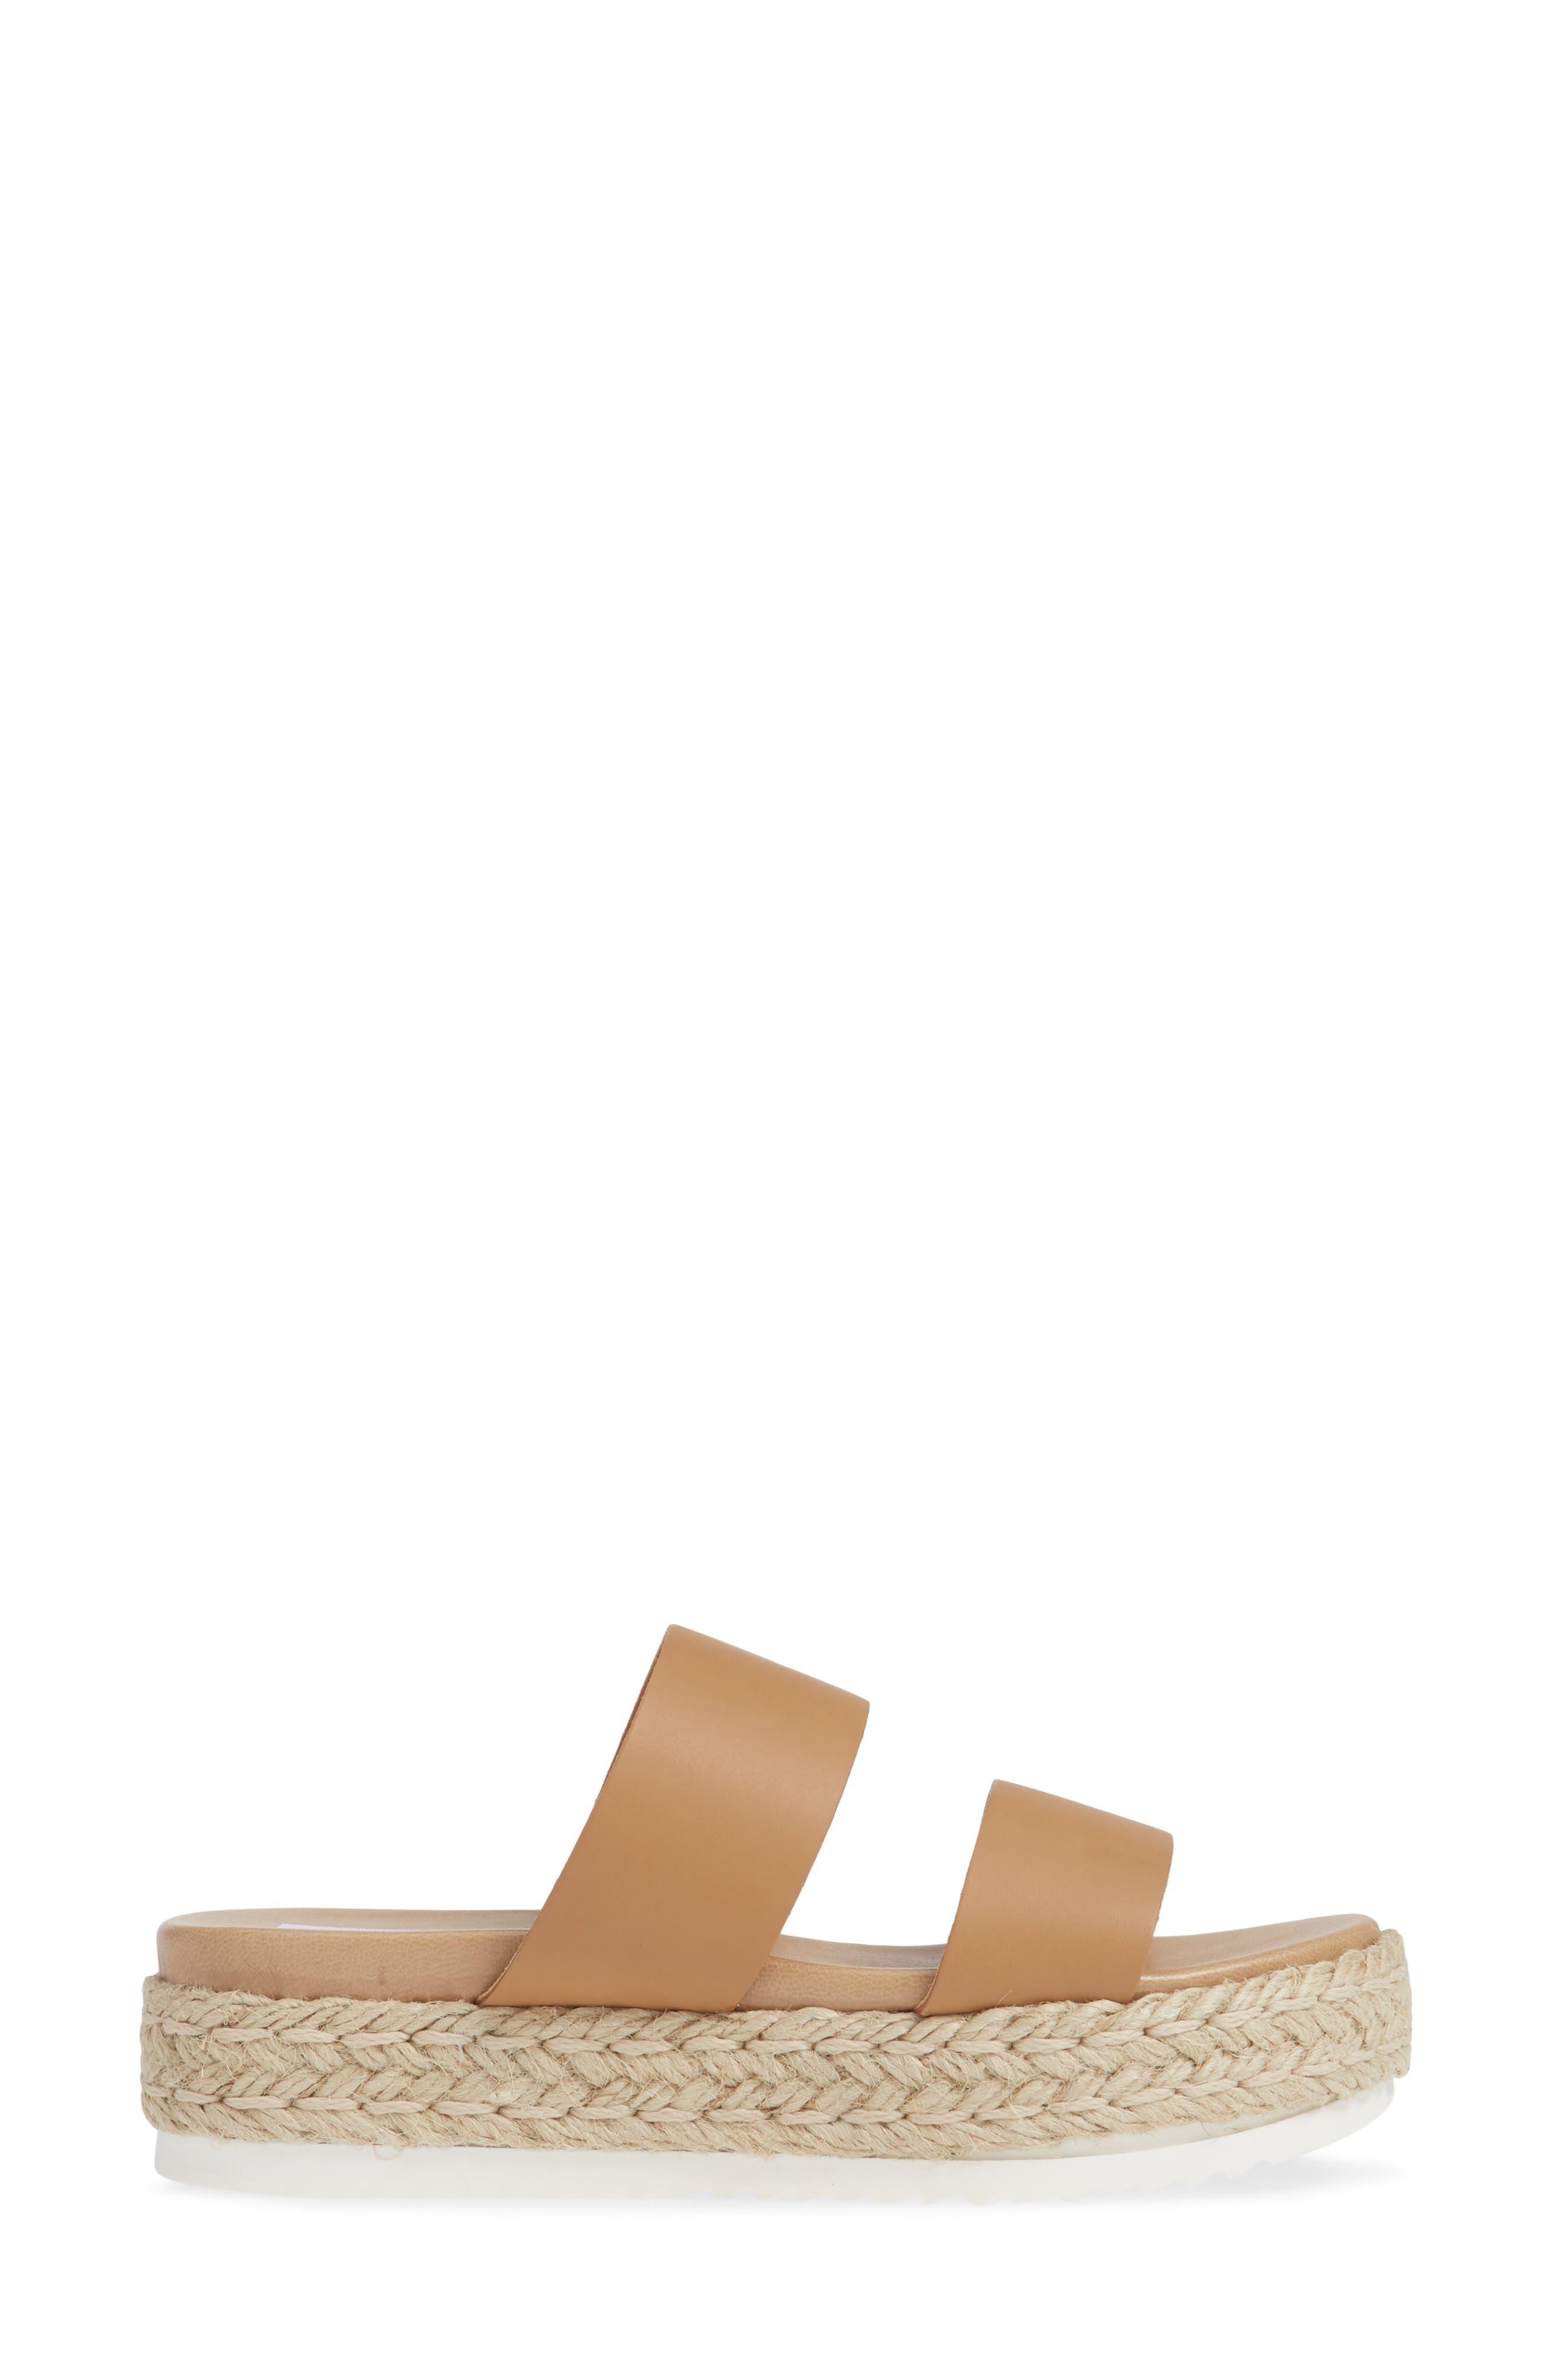 Amaze Platform Slide Sandal,                             Alternate thumbnail 3, color,                             NATURAL LEATHER